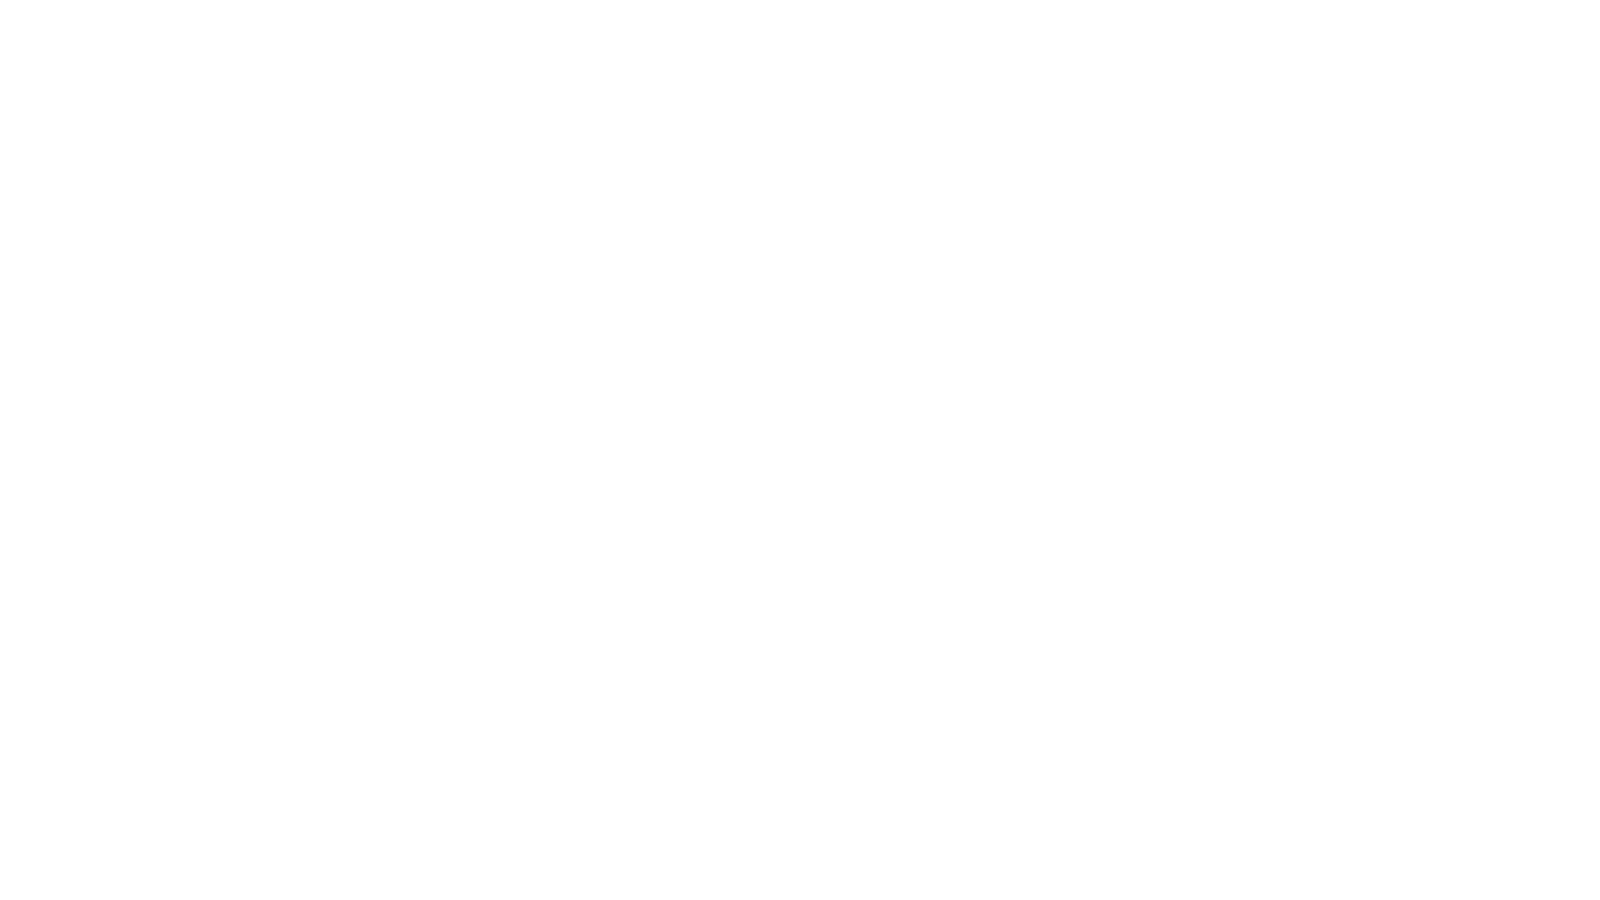 Assunto do dia no Cultivo Indoor Orgânico ao Plantar em Casa: Colheita e #Manicure ou #Trimming!  Pessoal... já se passaram quase 20 semanas... foram-se quatro meses de muito trabalho... foram mais de 36 episódios mostrando o cultivo desde o planejamento até este momento sagrado: a nossa colheita!!! E junto com ela a Manicure ou Trimming.  Ao fazer a colheita, todo jardineiro deve preocupar-se em dar uma limpada nas meninas antes de colocarem para secar - processo chamado de Manicure ou Trimming. A técnica utilizada, os materiais usados assim como as melhores dicas de como você colher e fazer a manicure da sua planta abordaremos aqui neste vídeo.  🌱time Stamps🌱 00:00 Introdução  IMPORTANTE: este canal tem uma proposta puramente educativa e de pesquisa sobre Cultivo Indoor. não estimulamos diretamente ou indiretamente o consumo de qualquer substância.  Confira aqui tudo para a sua #colheita seu #cultivoindoor cultivo em casa:  https://www.prazeresdacasa.com.br/grow/acessorios/colheita.html  Bora reflorestar este país!!!  Fiquem com Jah!  _ _ _ _ _ _ _ _ _ _ _ _ _ _ _ _ _ _ _ _ _ _ _ _ _ _ _ _ _ _ _ _ _ _ _ _ _ _ _ _ _ _ _ _ _ _ _ _ _ _ _ _ _ _ _ _ _ _ _ _ _ _ _ _ _ _ _ _ _ _ _ _ _ _ _ _ _ _ _ _ _ _ _ _ _ _ _ _ _ _ _ _ _ _ _ _ _ _ _ _ _ _ _ _  Grandes parceiros foram essenciais para agente lançar esta Série de Vídeos!  Delicious Seeds, o maior banco de sementes da Europa pertinho de você! Compre com 20% de desconto usando o Cupom: PRAZERES20 https://www.deliciousseeds.com/es/  Biobizz, O Maior fabricante de Fertlizantes Organicos para Cultivo do mundo! https://www.biobizz.com/es/  A Prazeres da Casa tem tudo para Cultivo Indoor para você! prazeresdacasa.com.br/grow  Blog: Cultivando o Sustento! Sempre conteúdo de primeira para vc aprender a fazer o seu cultivo! cultivandosustento.com.br  SAC (Serviço de Ajuda ao Cultivador): https://t.me/cultivandosustento  Midias sociais: https://www.facebook.com/prazeresdacasagrowshop  https://www.facebook.com/cultivandosustentogrow